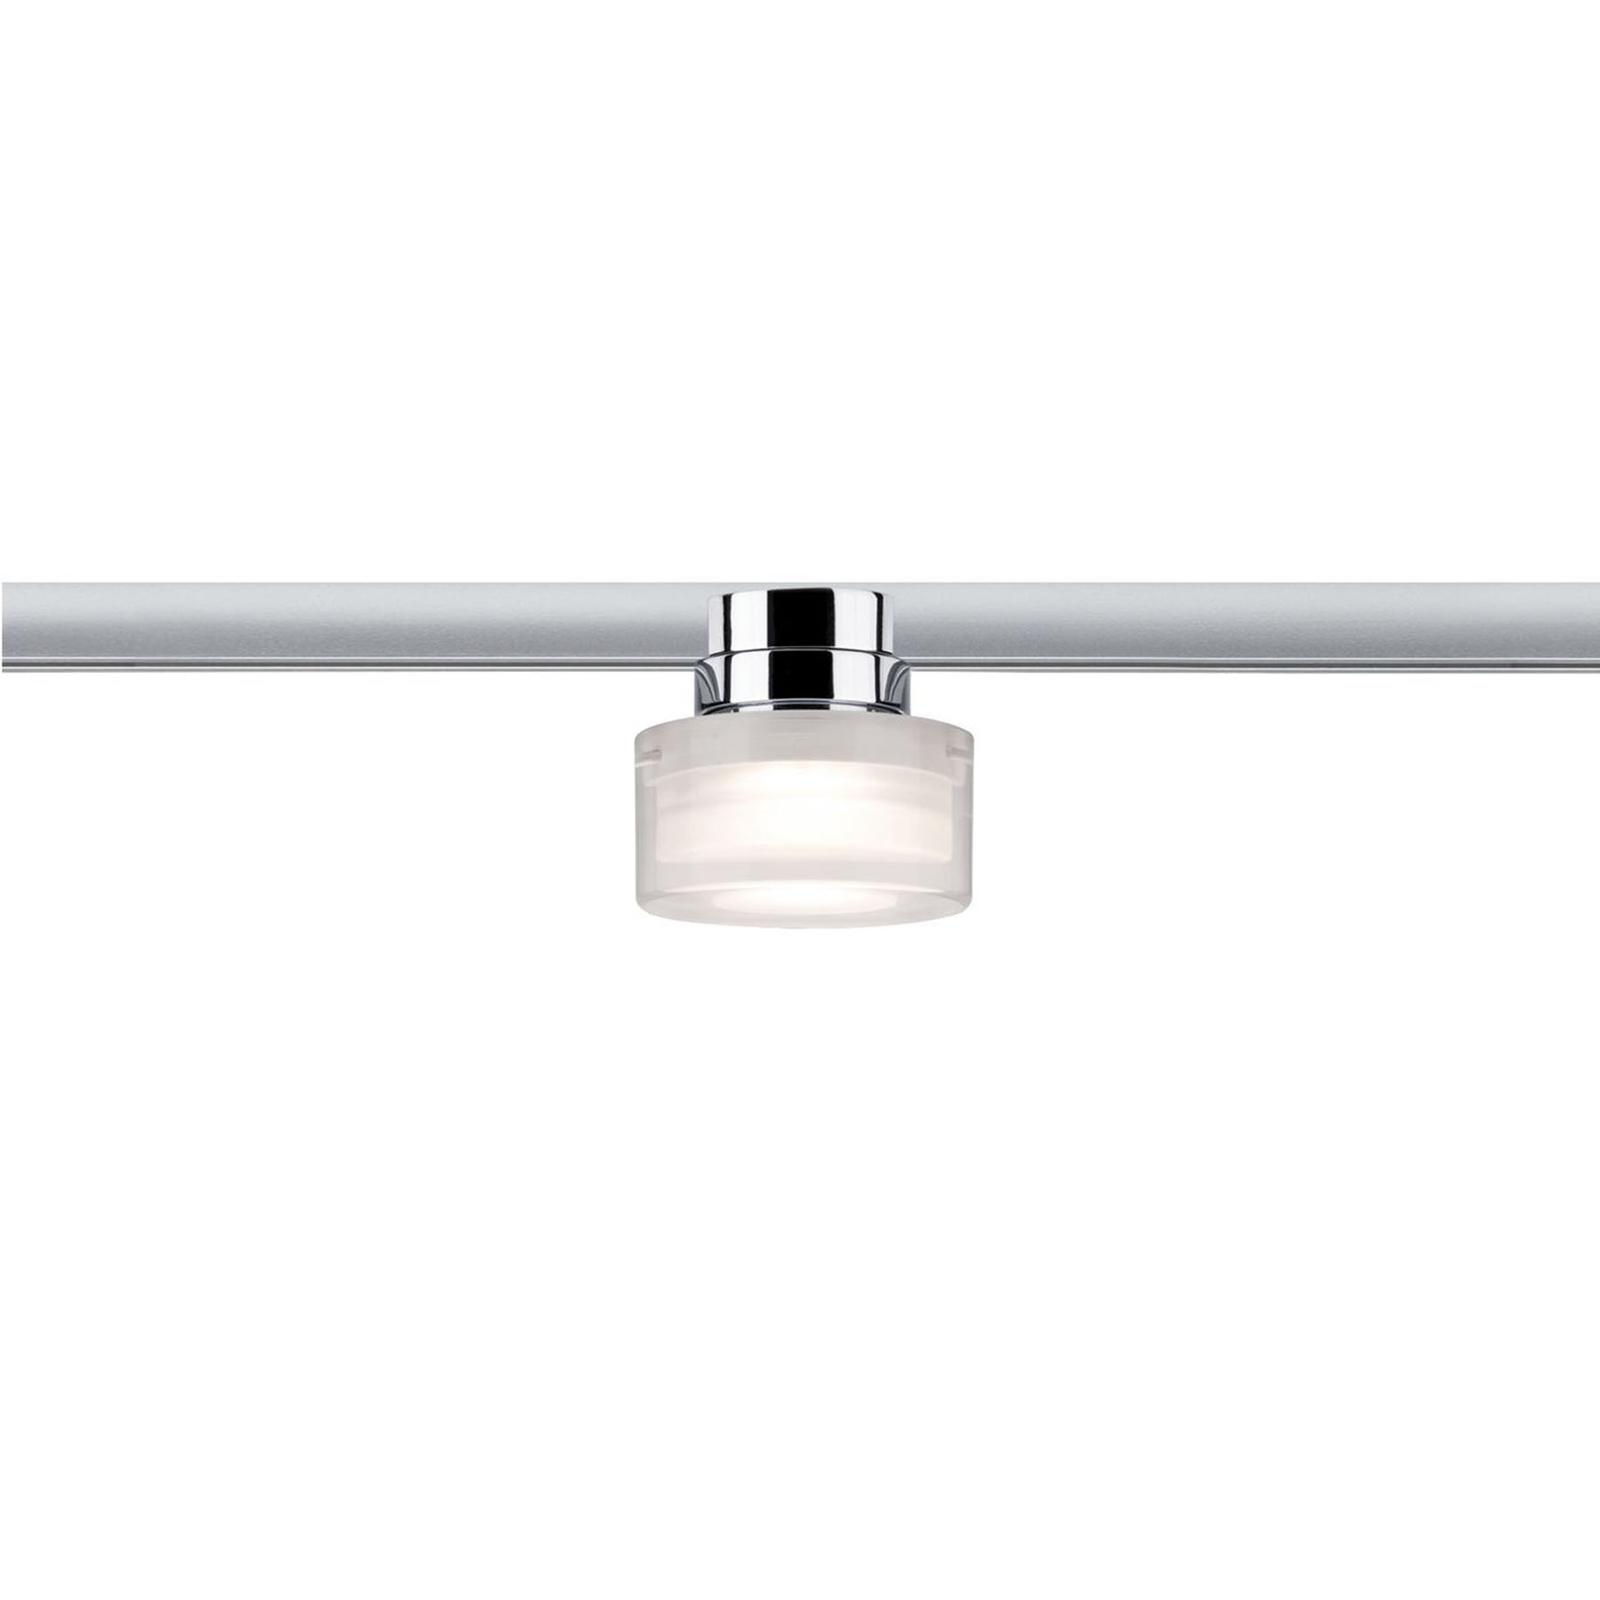 Paulmann URail LED-Leuchte Topa Dot günstig online kaufen